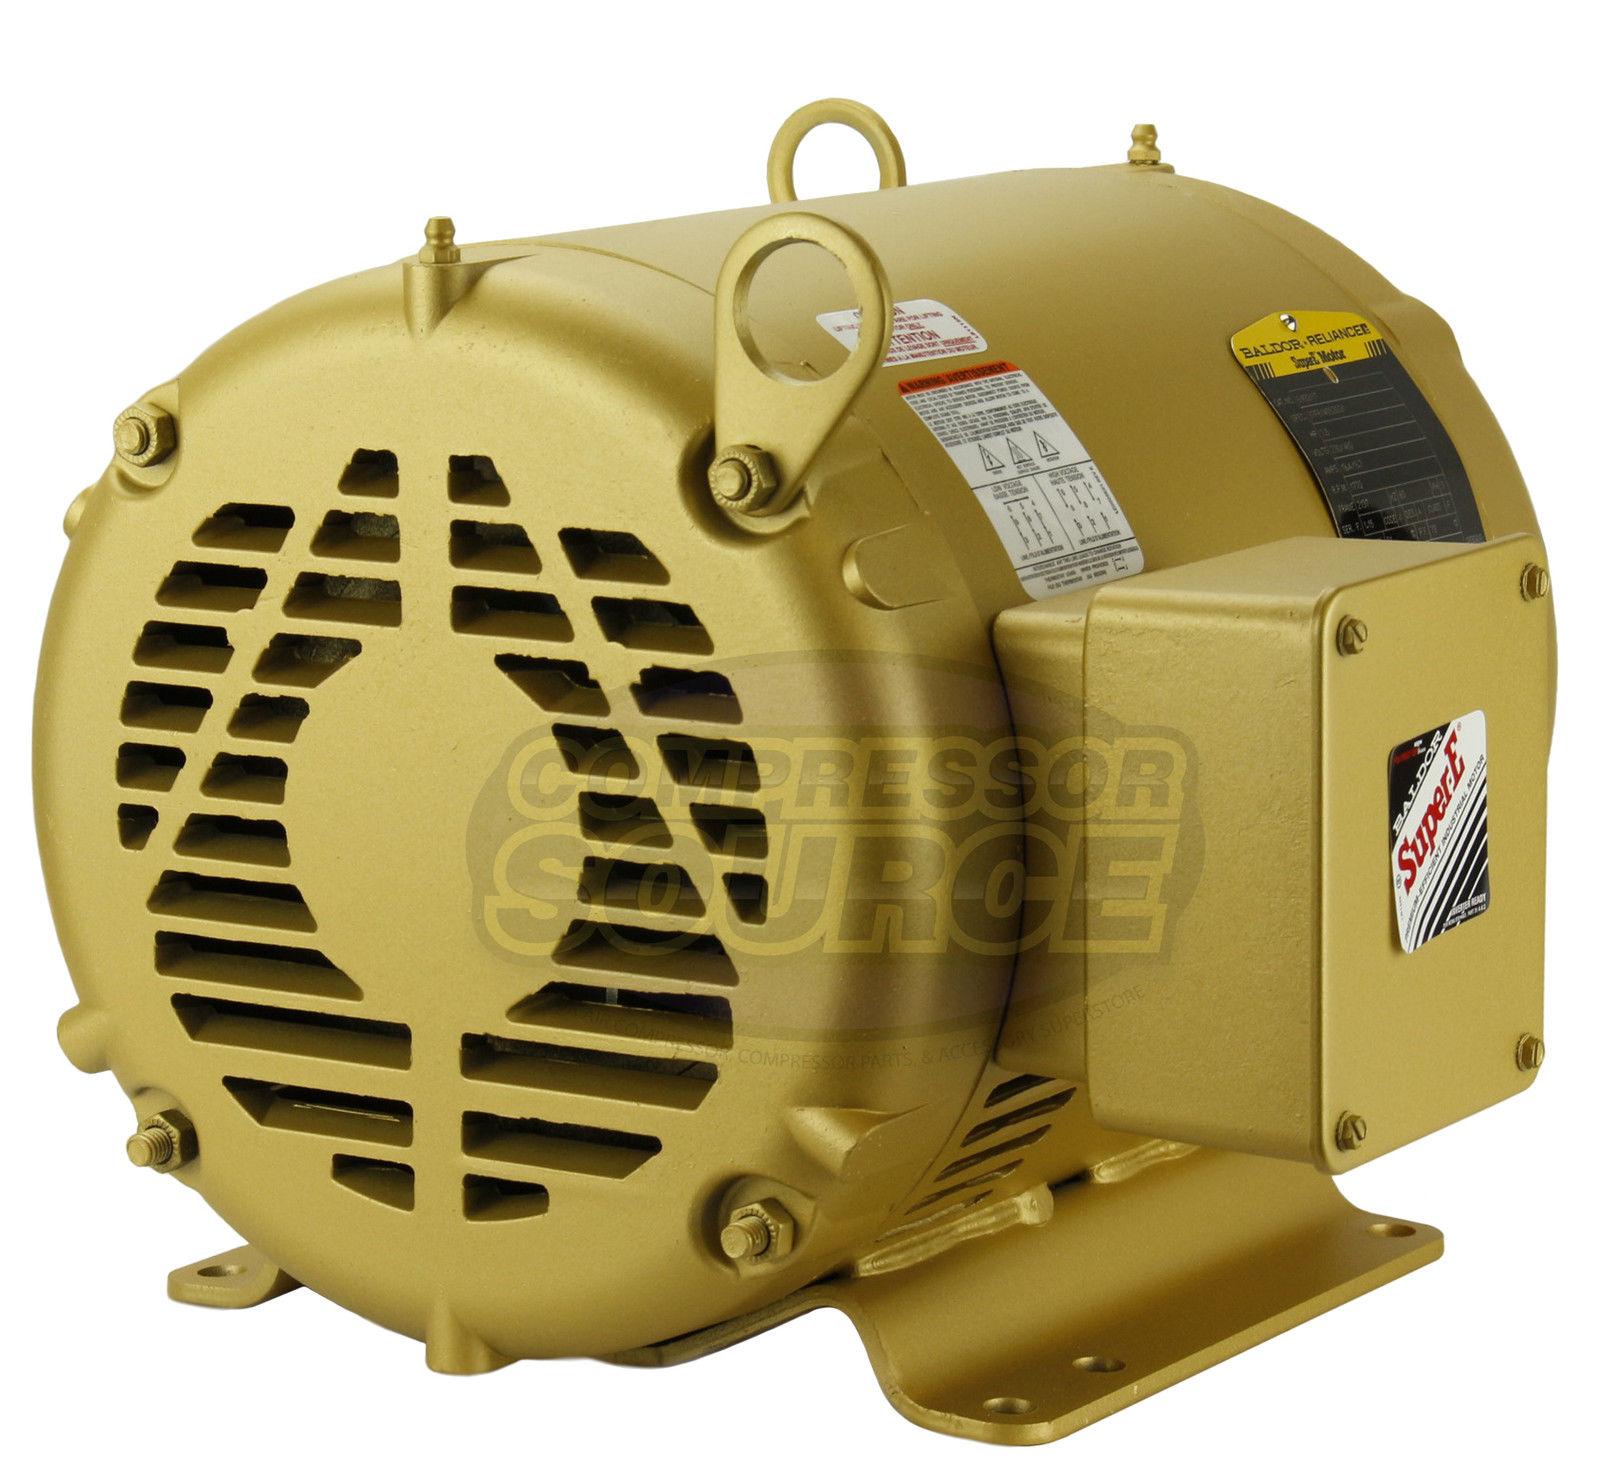 7 5hp 3 phase baldor electric compressor motor 213t frame for Motor baldor 20 hp